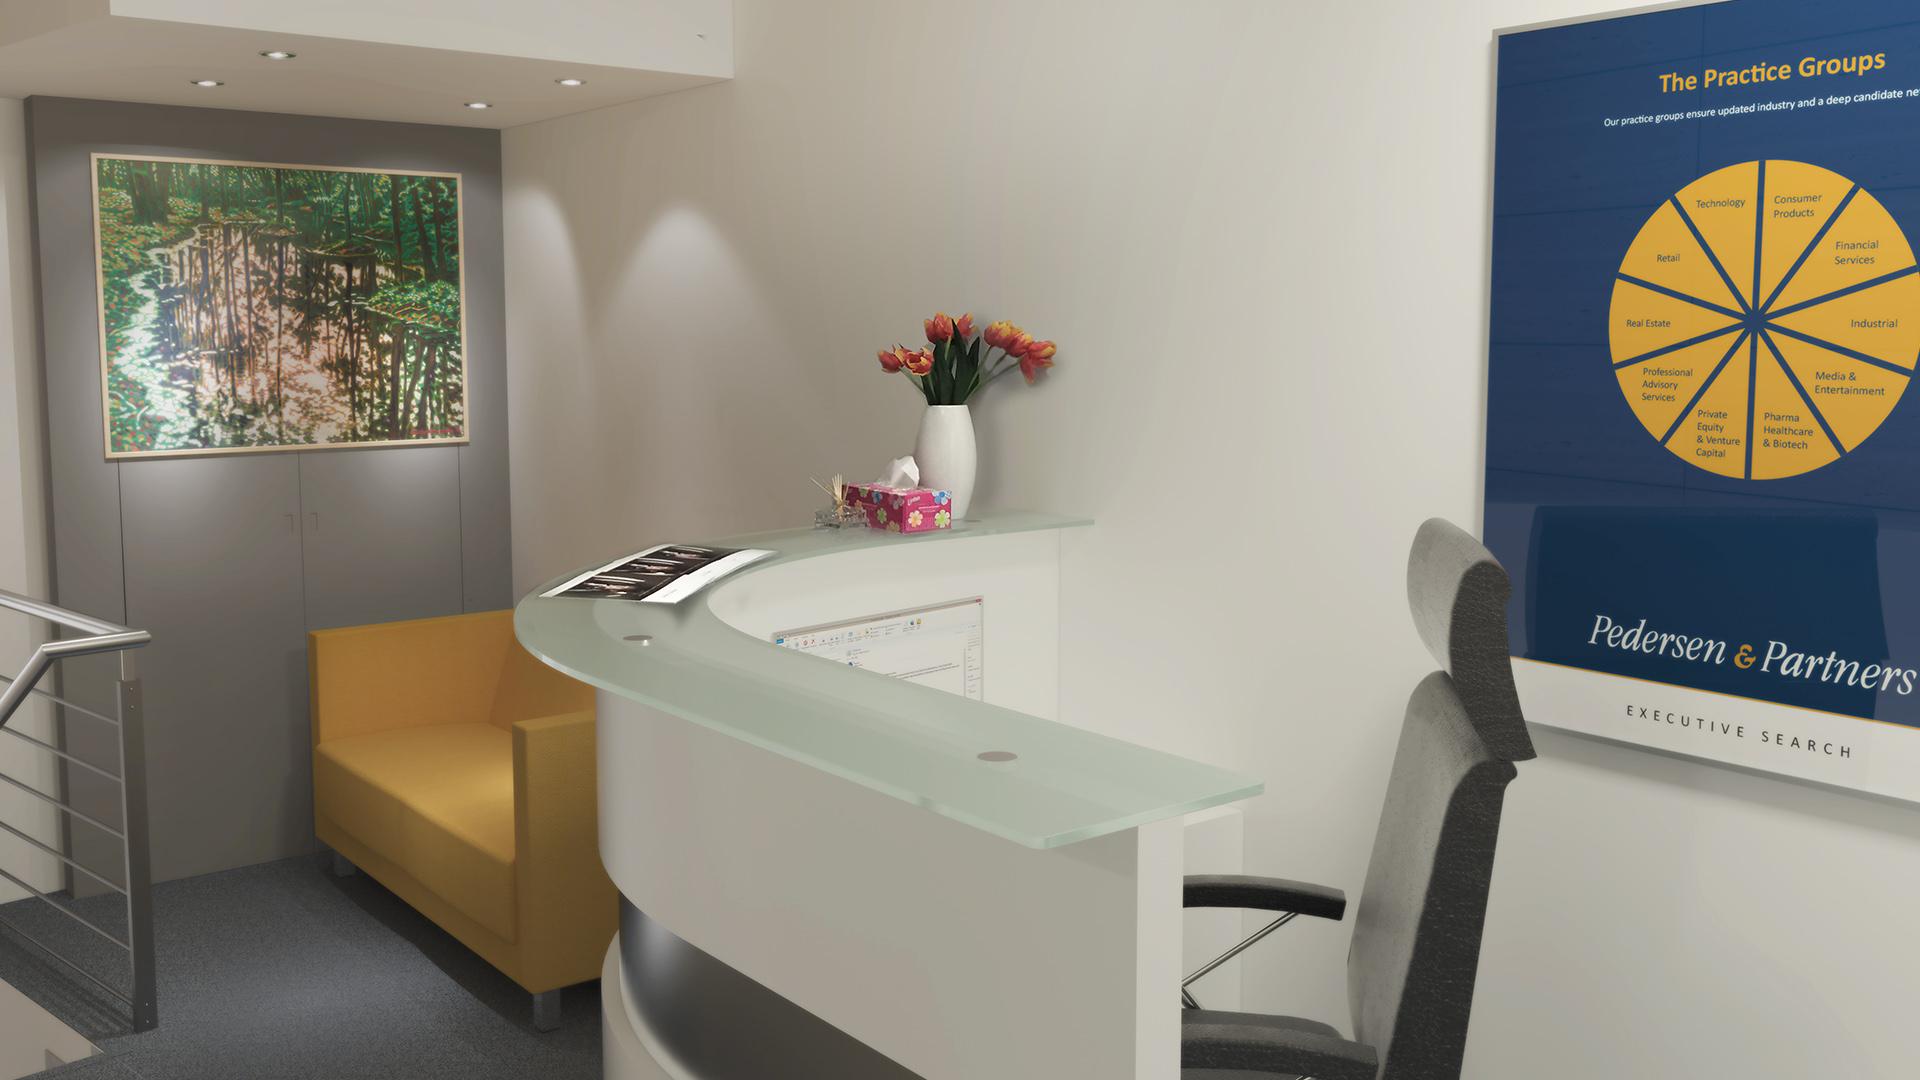 Realizace zasedací místnosti mezinárodní personální společnosti Pedersen & Partners na Příkopech v Praze. Nábytek je realizovaný dle návrhu. Decentní neutrální ladění v barvách a materiálech,